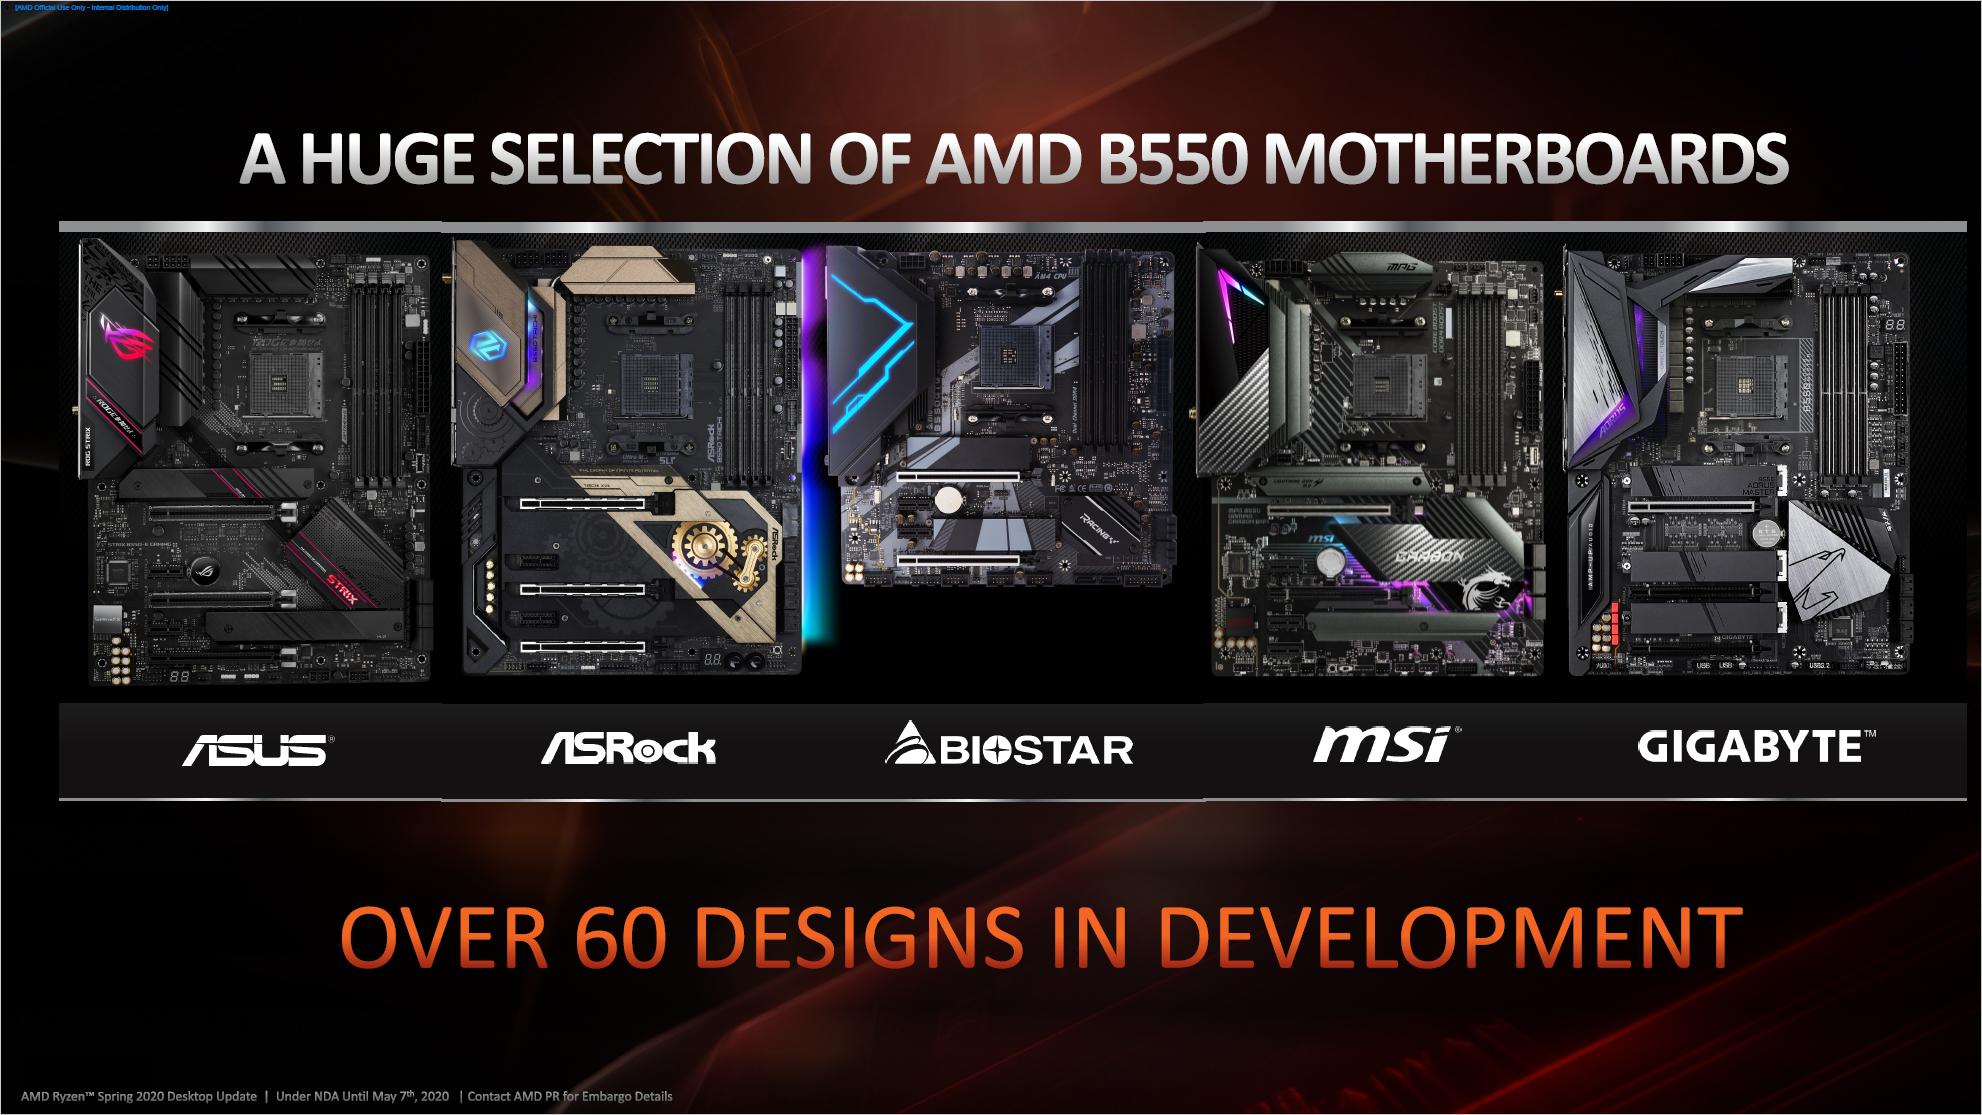 AMD Ryzen: B550 bringt PCIe Gen4 für 100-Euro-Boards - Partner-Platinen erscheinen im Juni 2020. (Bild: AMD)